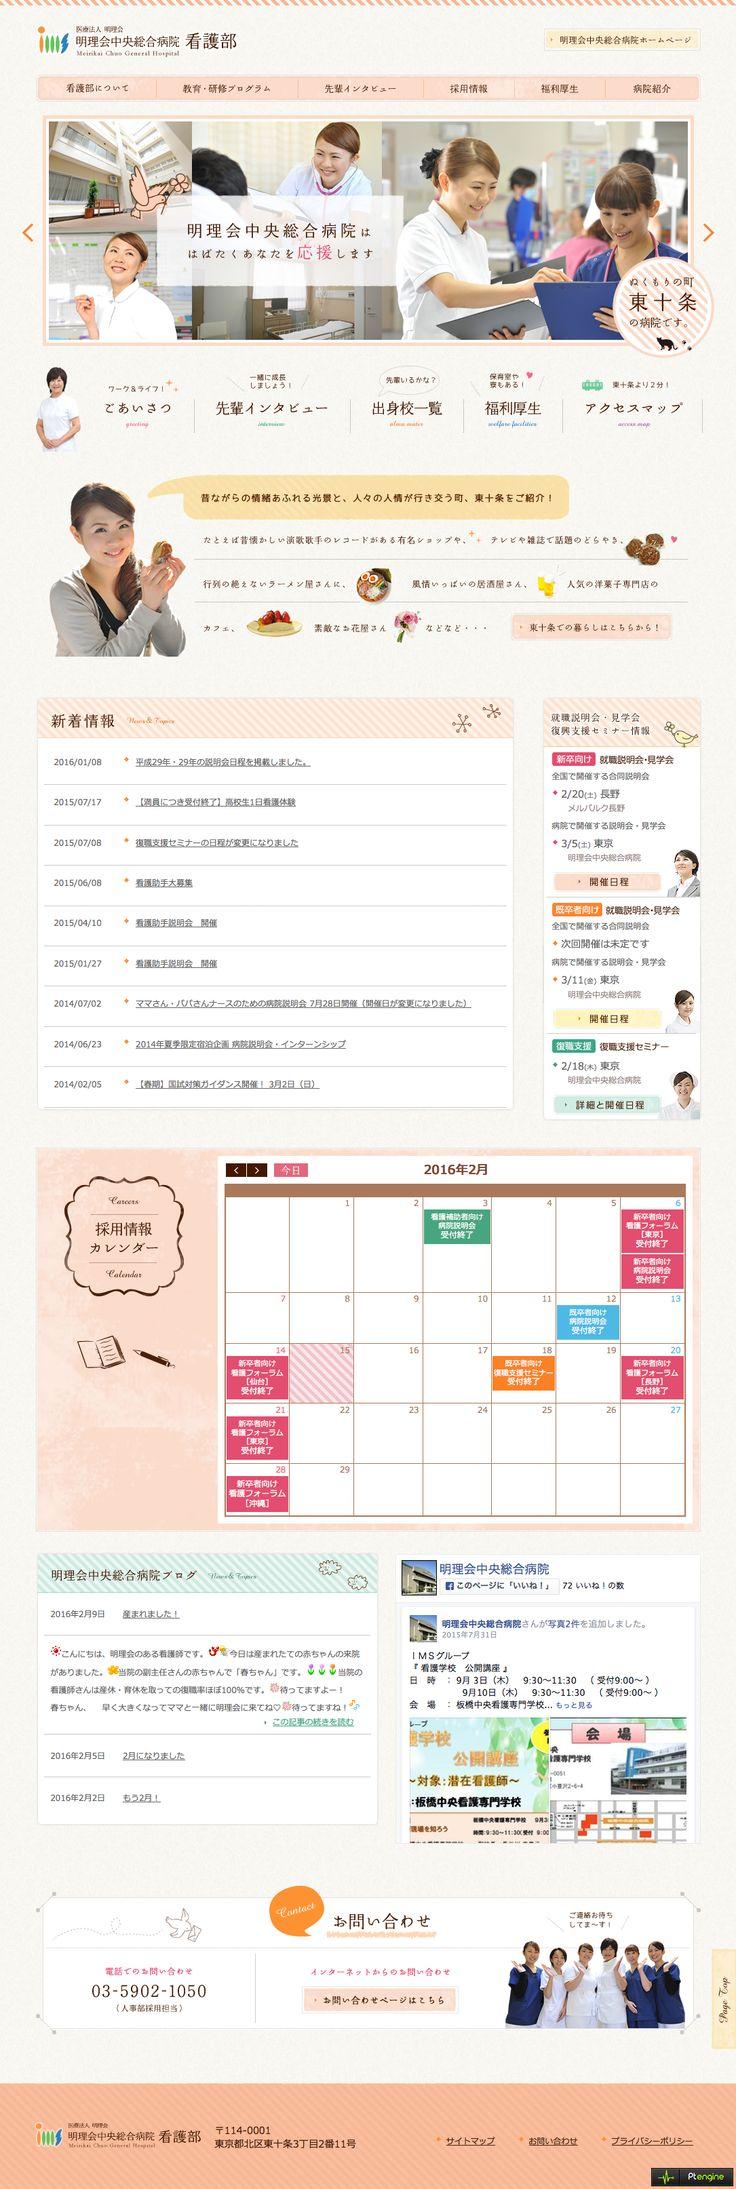 東京にある明理会中央総合病院の看護部サイト - サーモンピンクを基調にしたやさしい色合いであたたかい印象のデザイン webdesign, design, hospital, pastel, handdrawn, stripe, beige